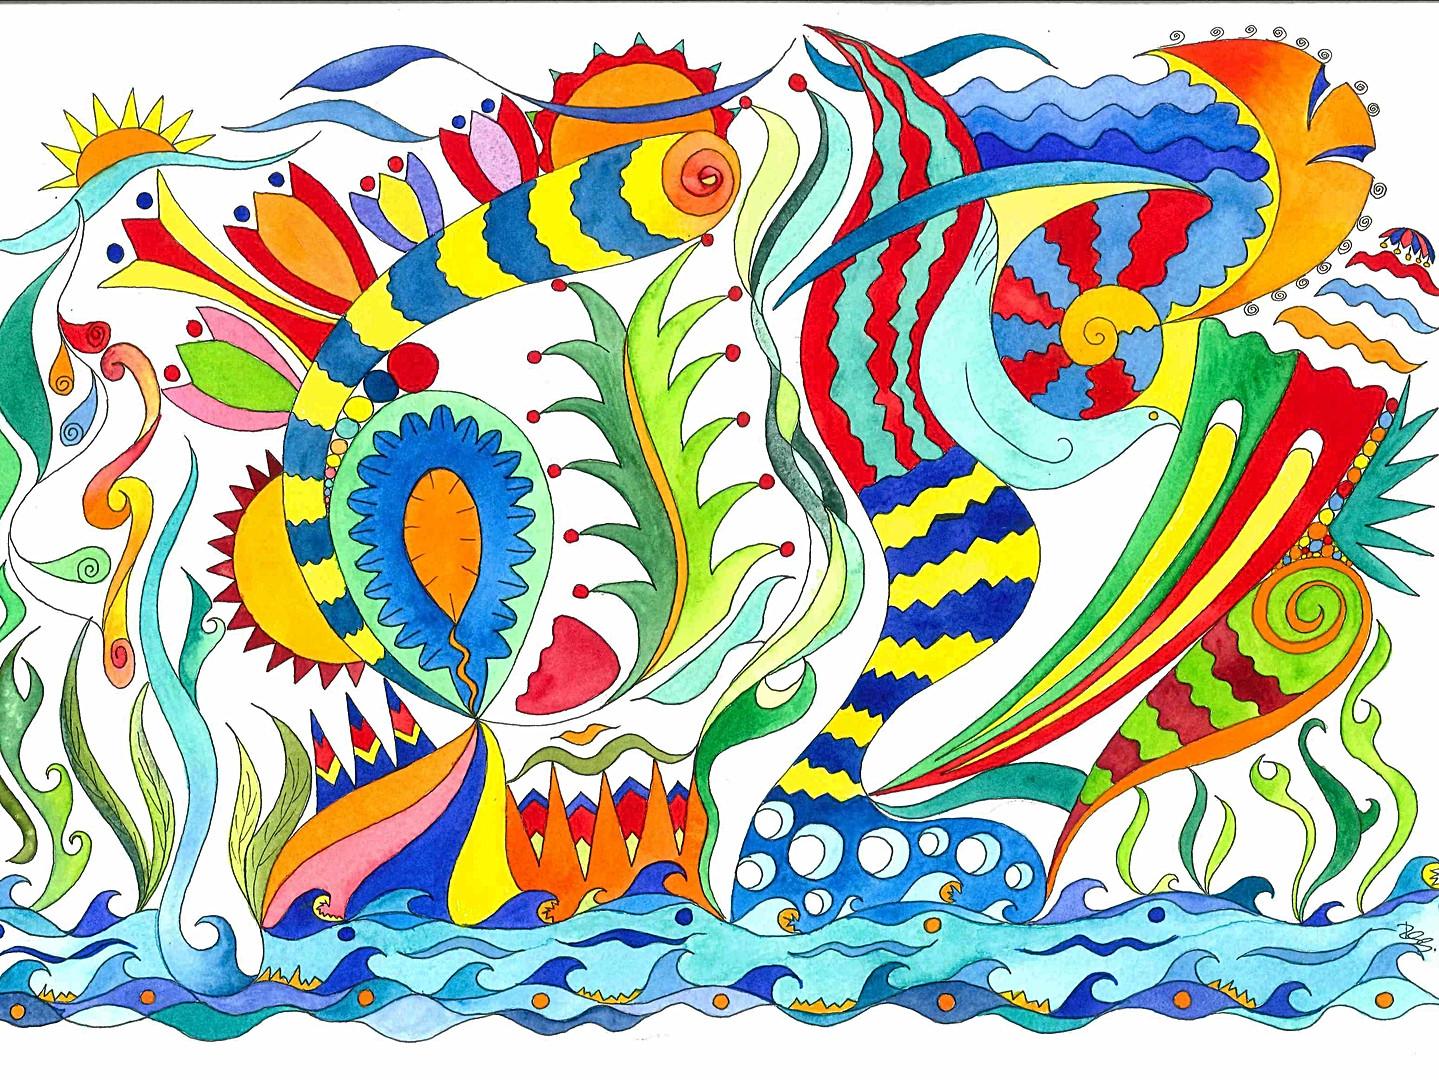 La mar més bella 32x46